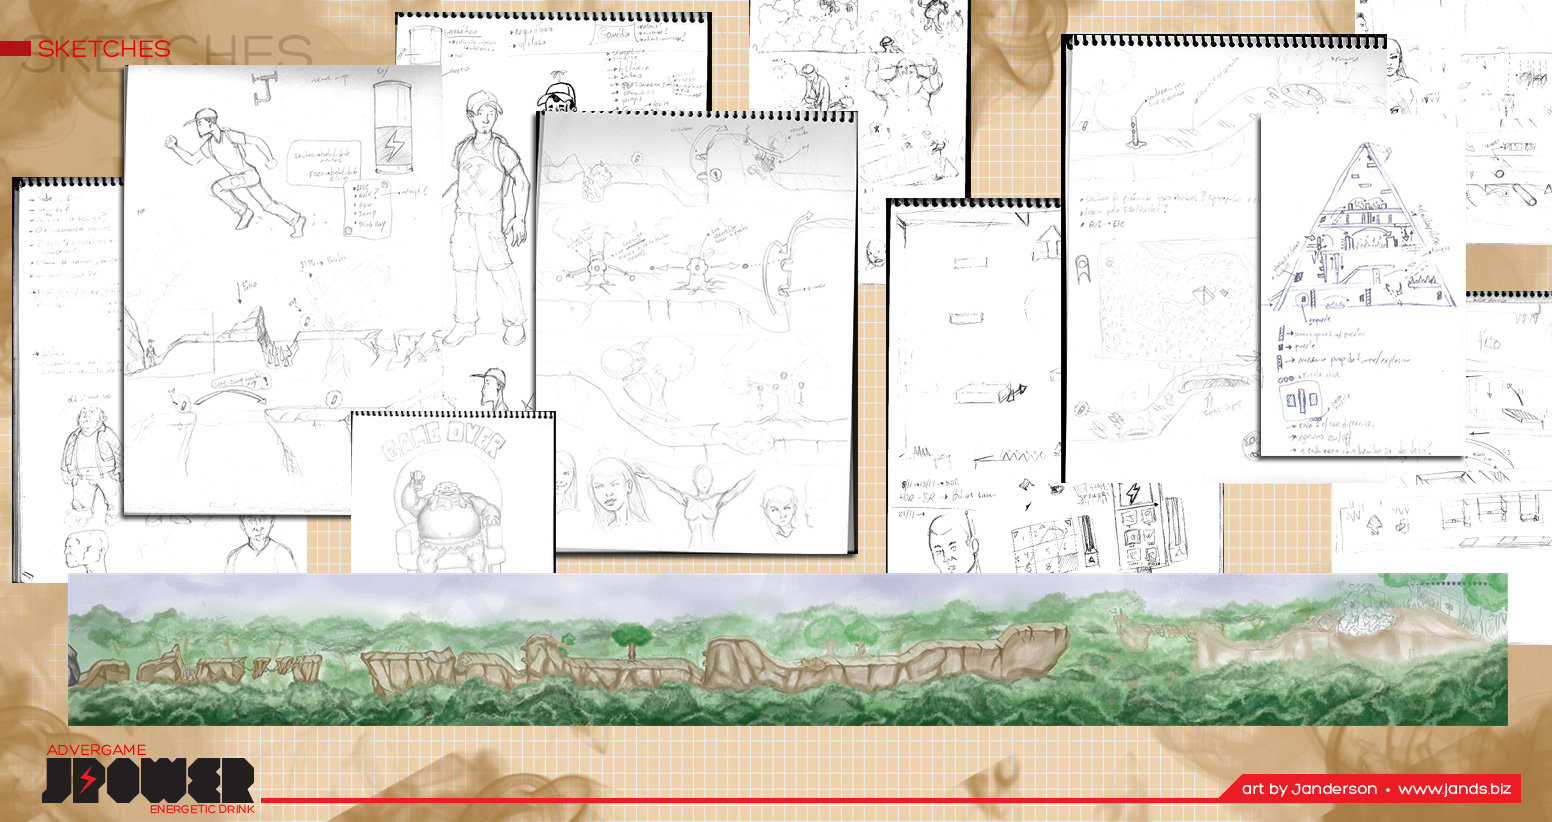 Janderson bittencourt dos santos jpower sketches